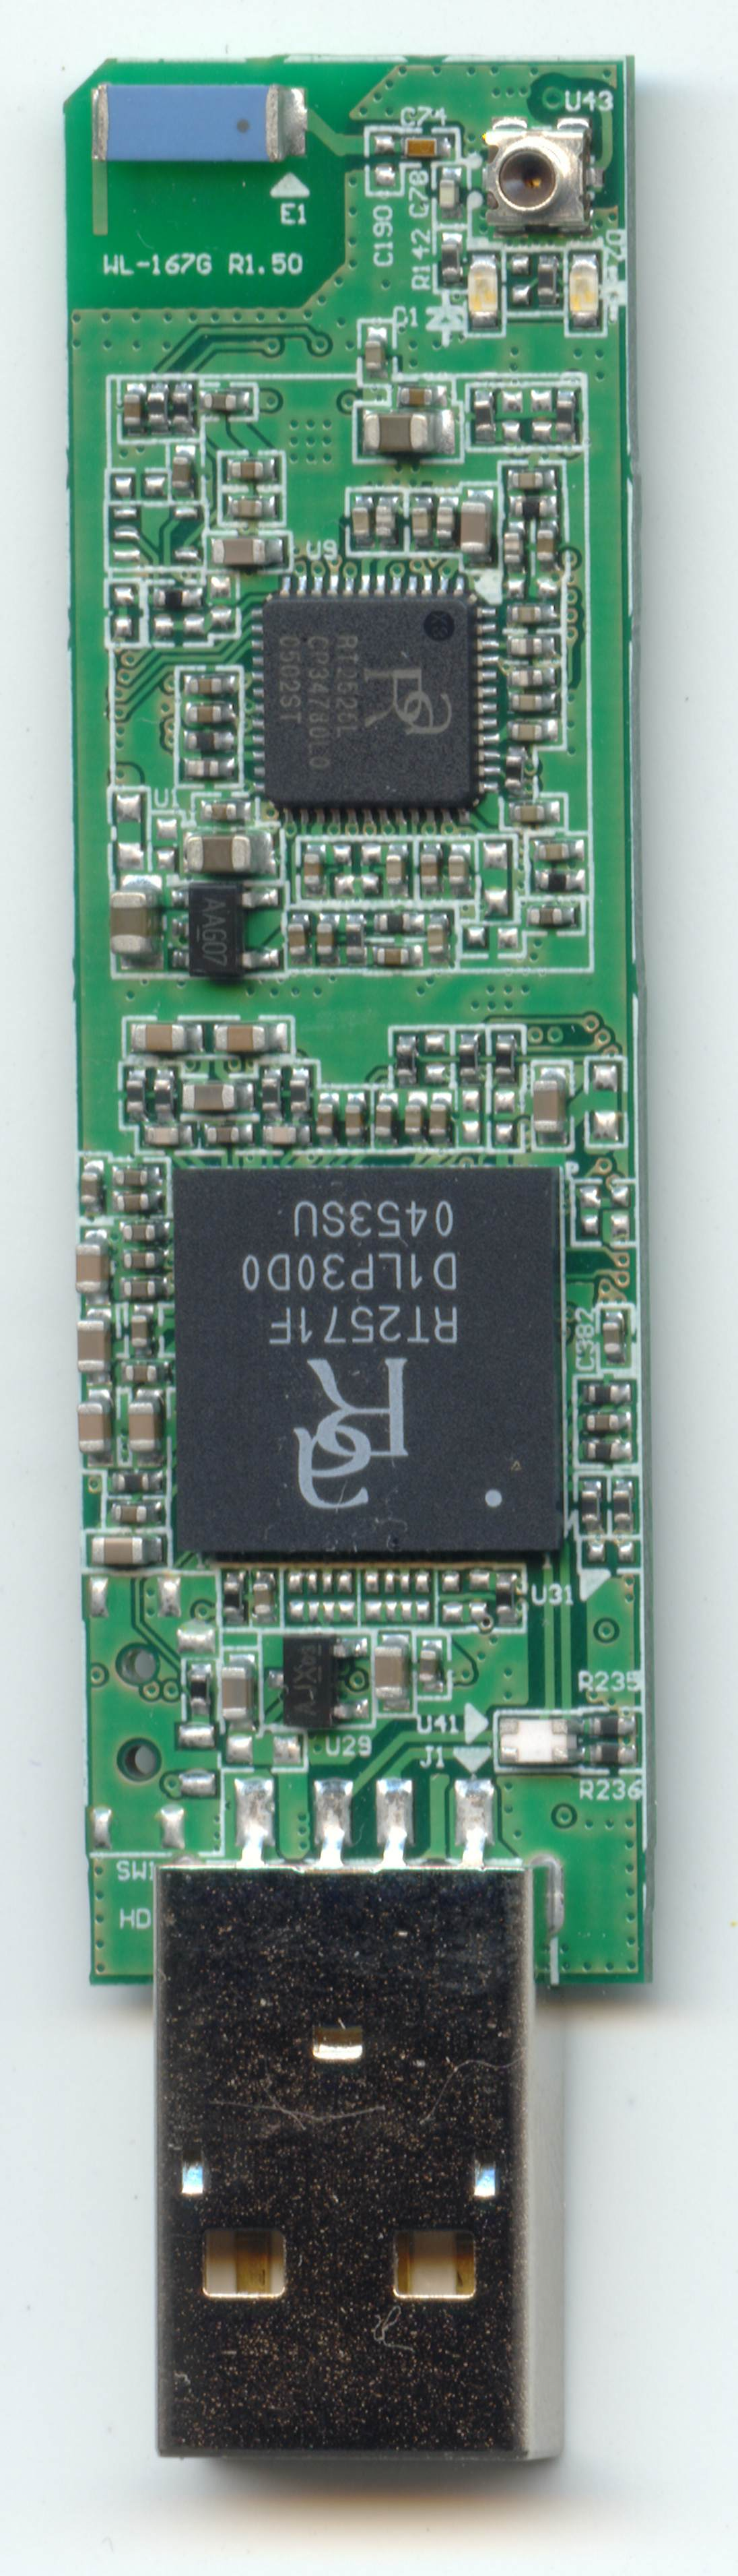 Asus драйвер wl-167g